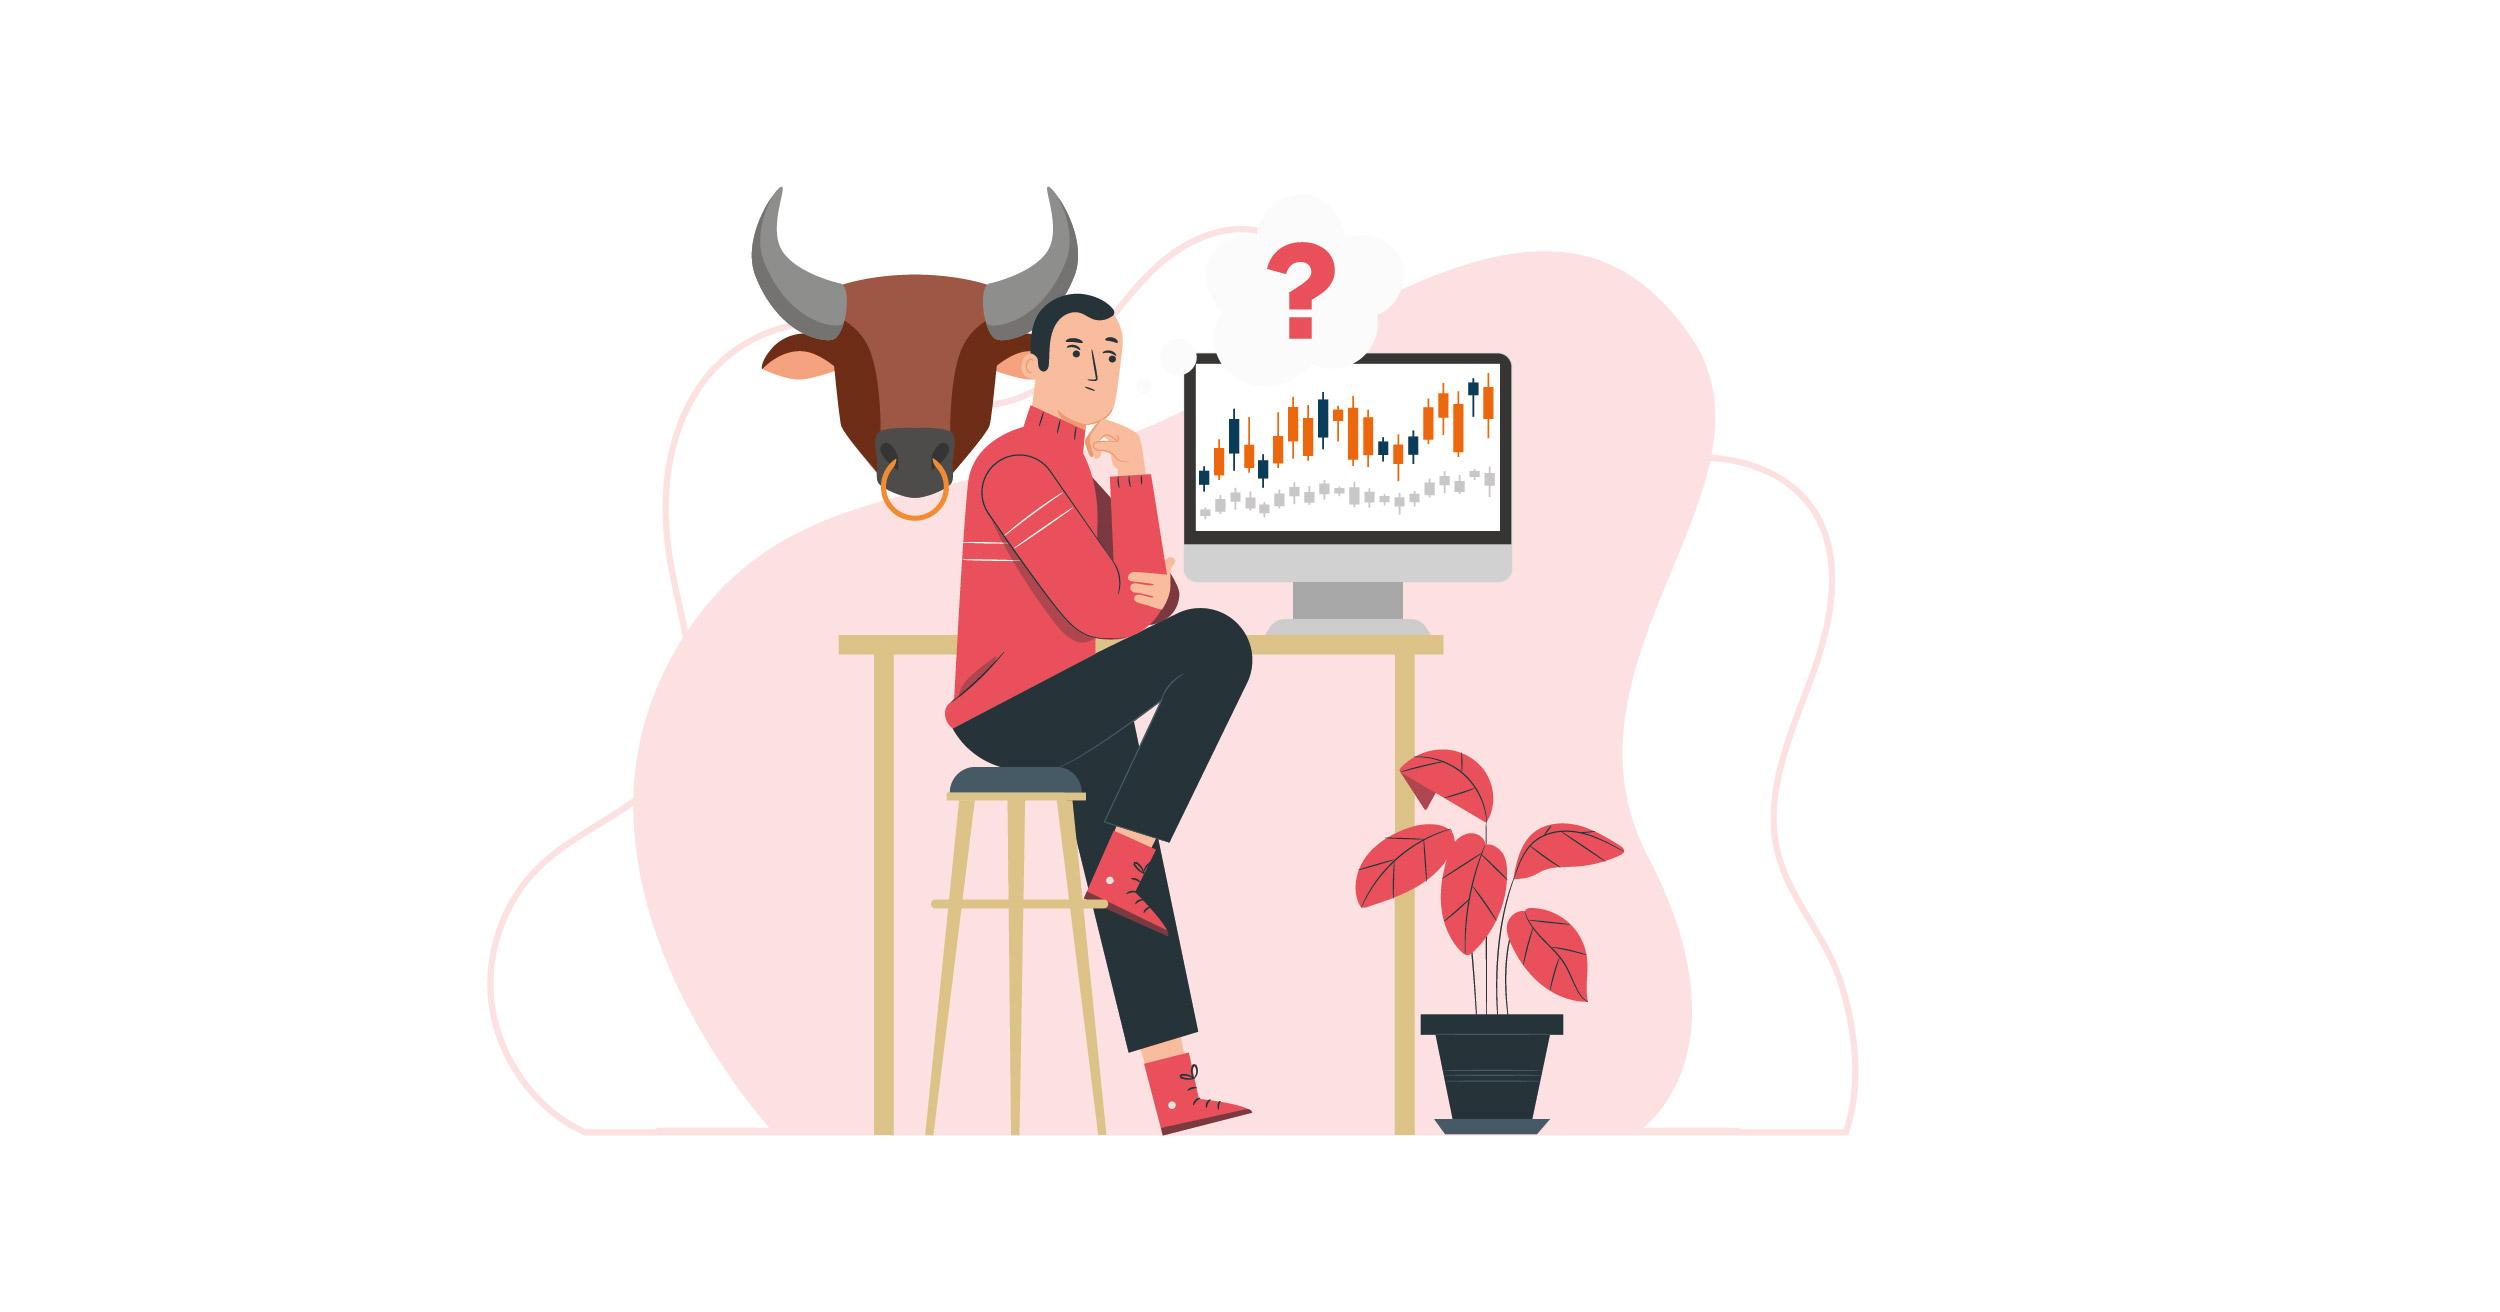 strategi pilihan yang harus diketahui setiap investor